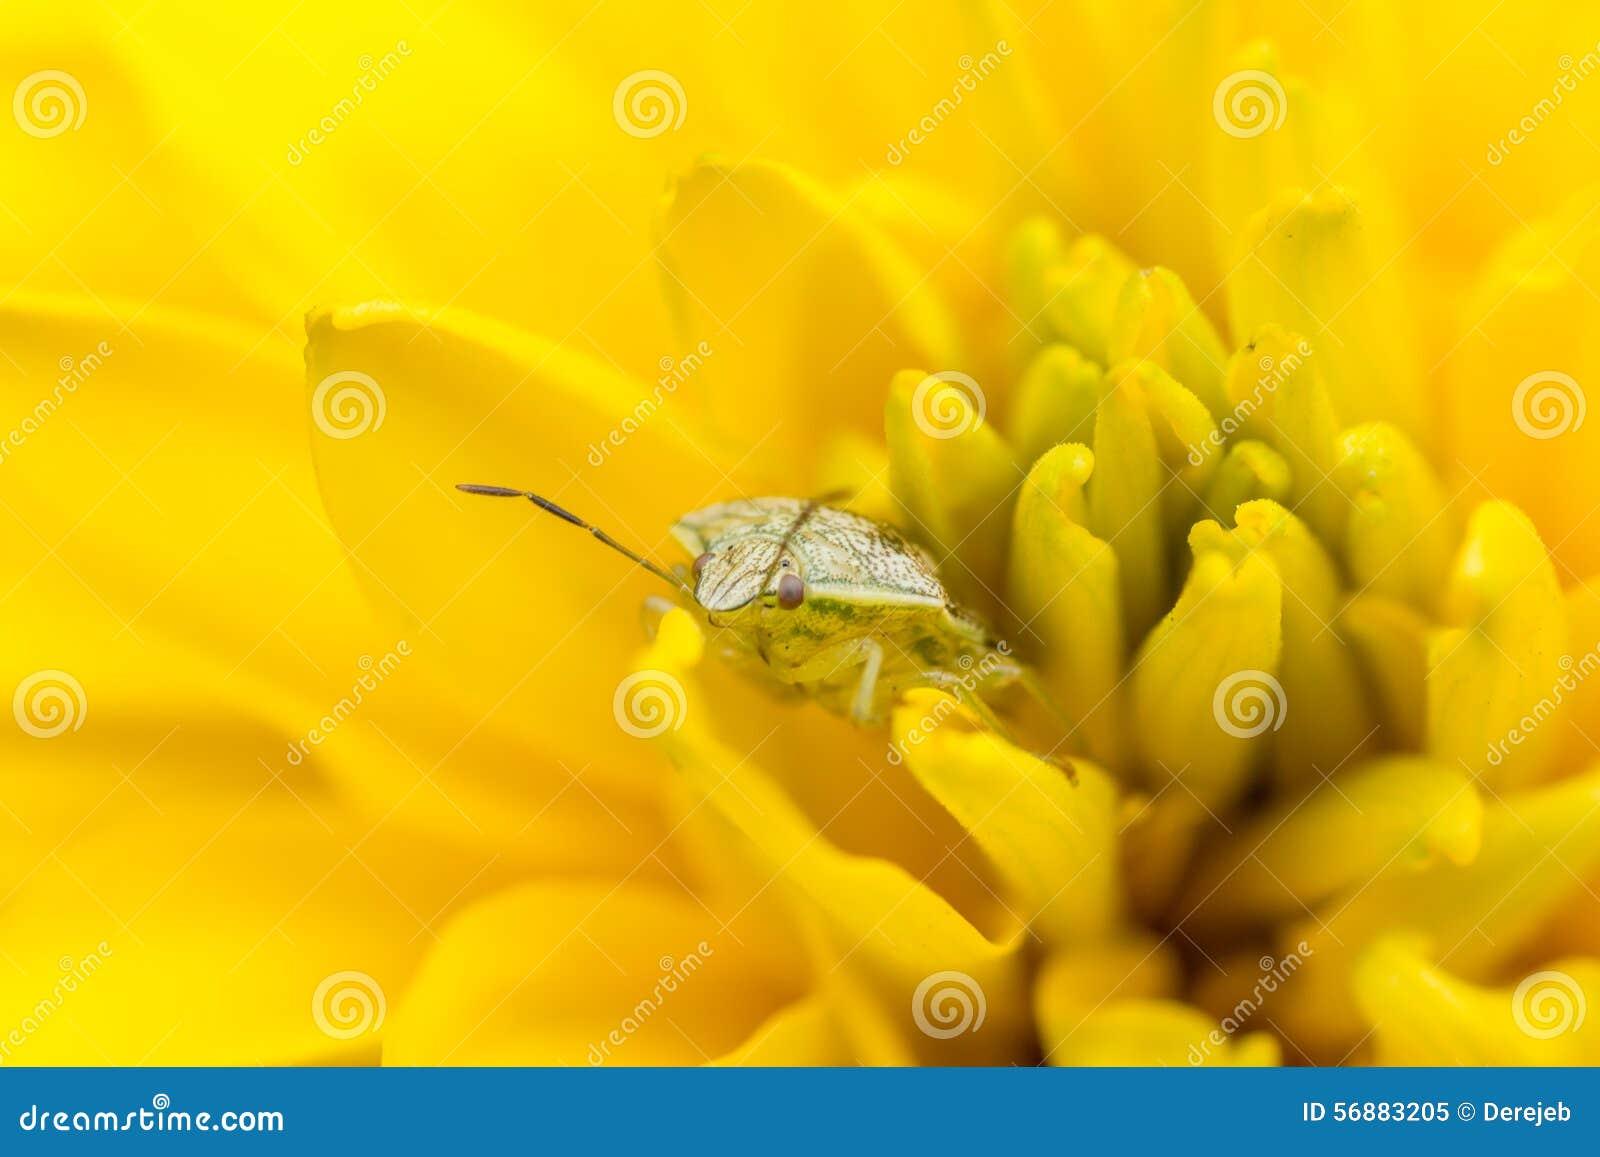 Insetto minuscolo su un fiore giallo